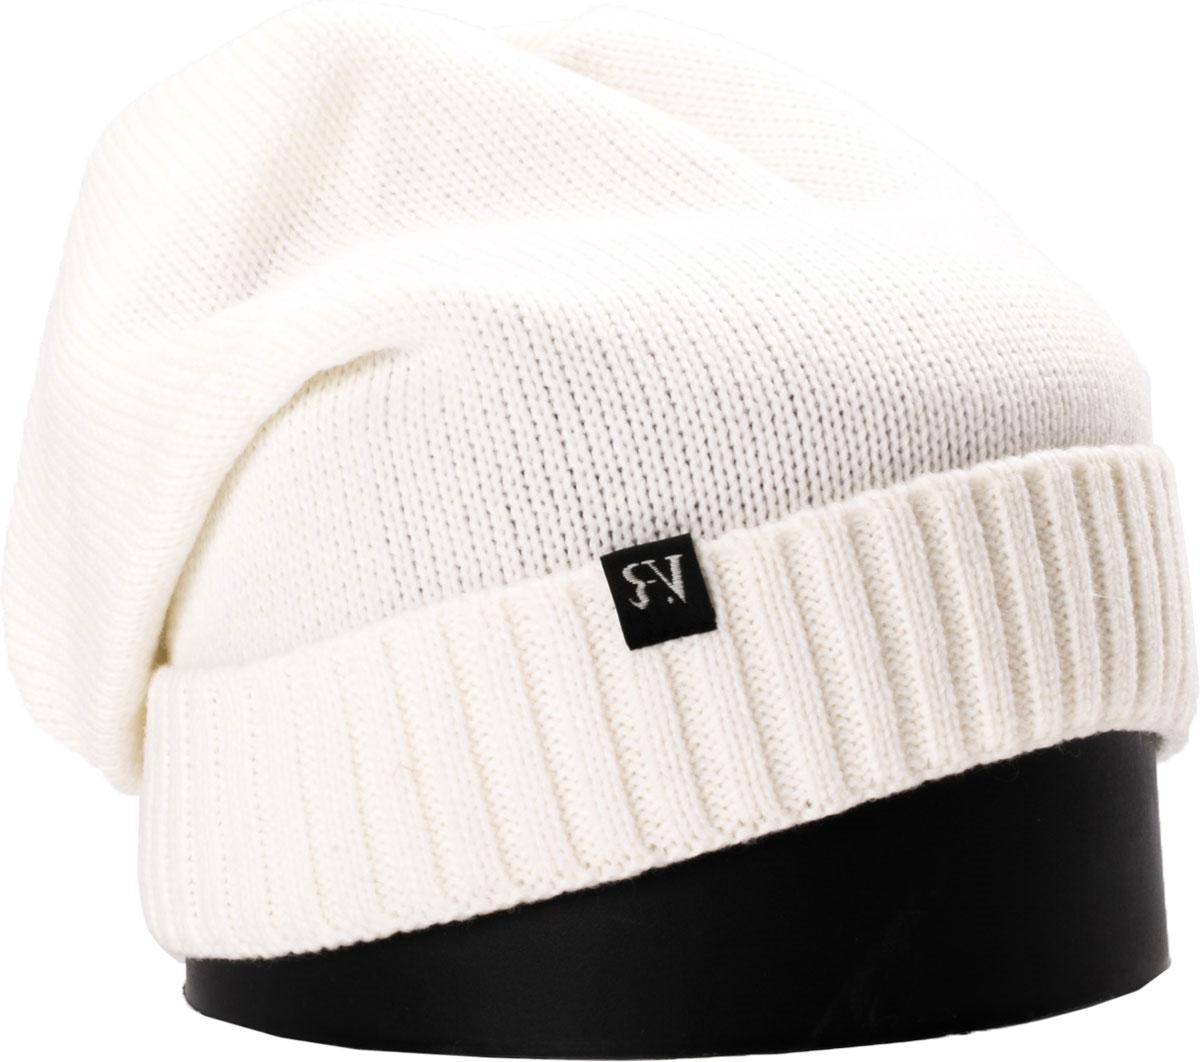 Шапка женская Vittorio Richi, цвет: белый. NSH150701. Размер 56/58NSH150701Стильная женская шапка Vittorio Richi отлично дополнит ваш образ в холодную погоду. Модель, изготовленная из шерсти с добавлением полиамида, максимально сохраняет тепло и обеспечивает удобную посадку. Шапка дополнена сзади декоративным элементом и сбоку фирменной нашивкой. Привлекательная стильная шапка подчеркнет ваш неповторимый стиль и индивидуальность.